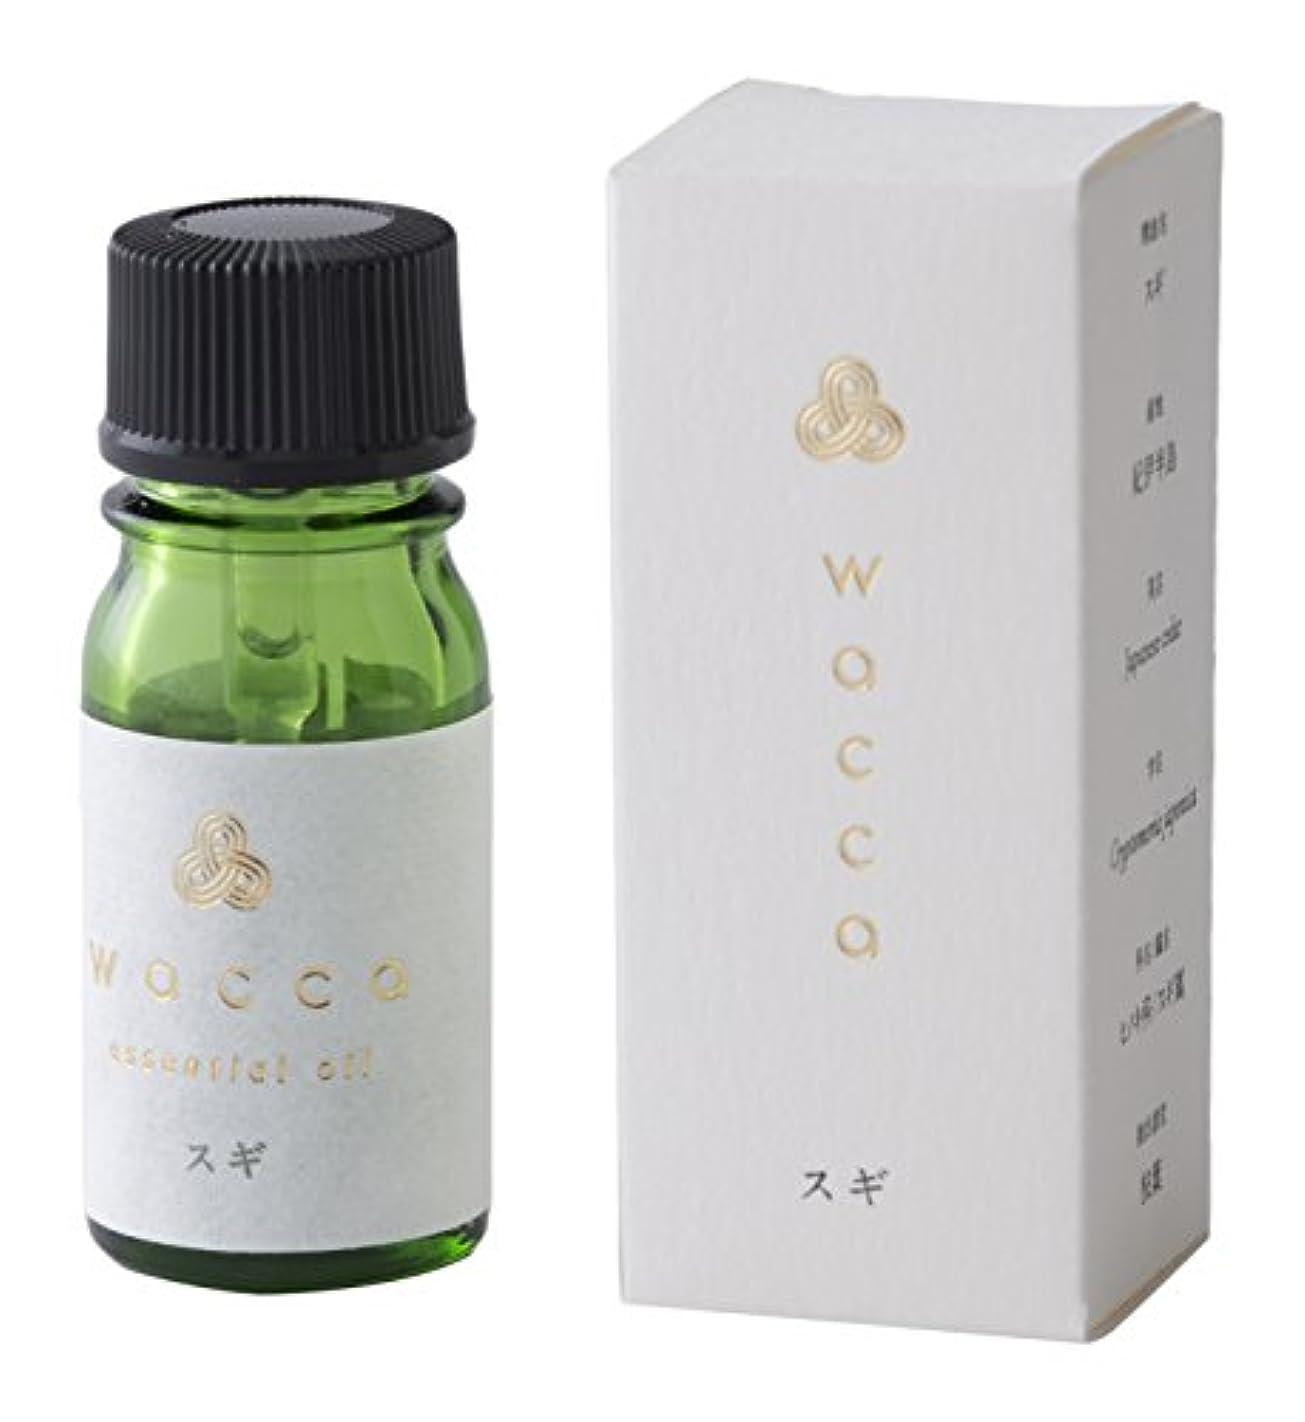 拮抗するフィルタ一杯wacca ワッカ エッセンシャルオイル 5ml 杉 スギ Japanese cedar essential oil 和精油 KUSU HANDMADE